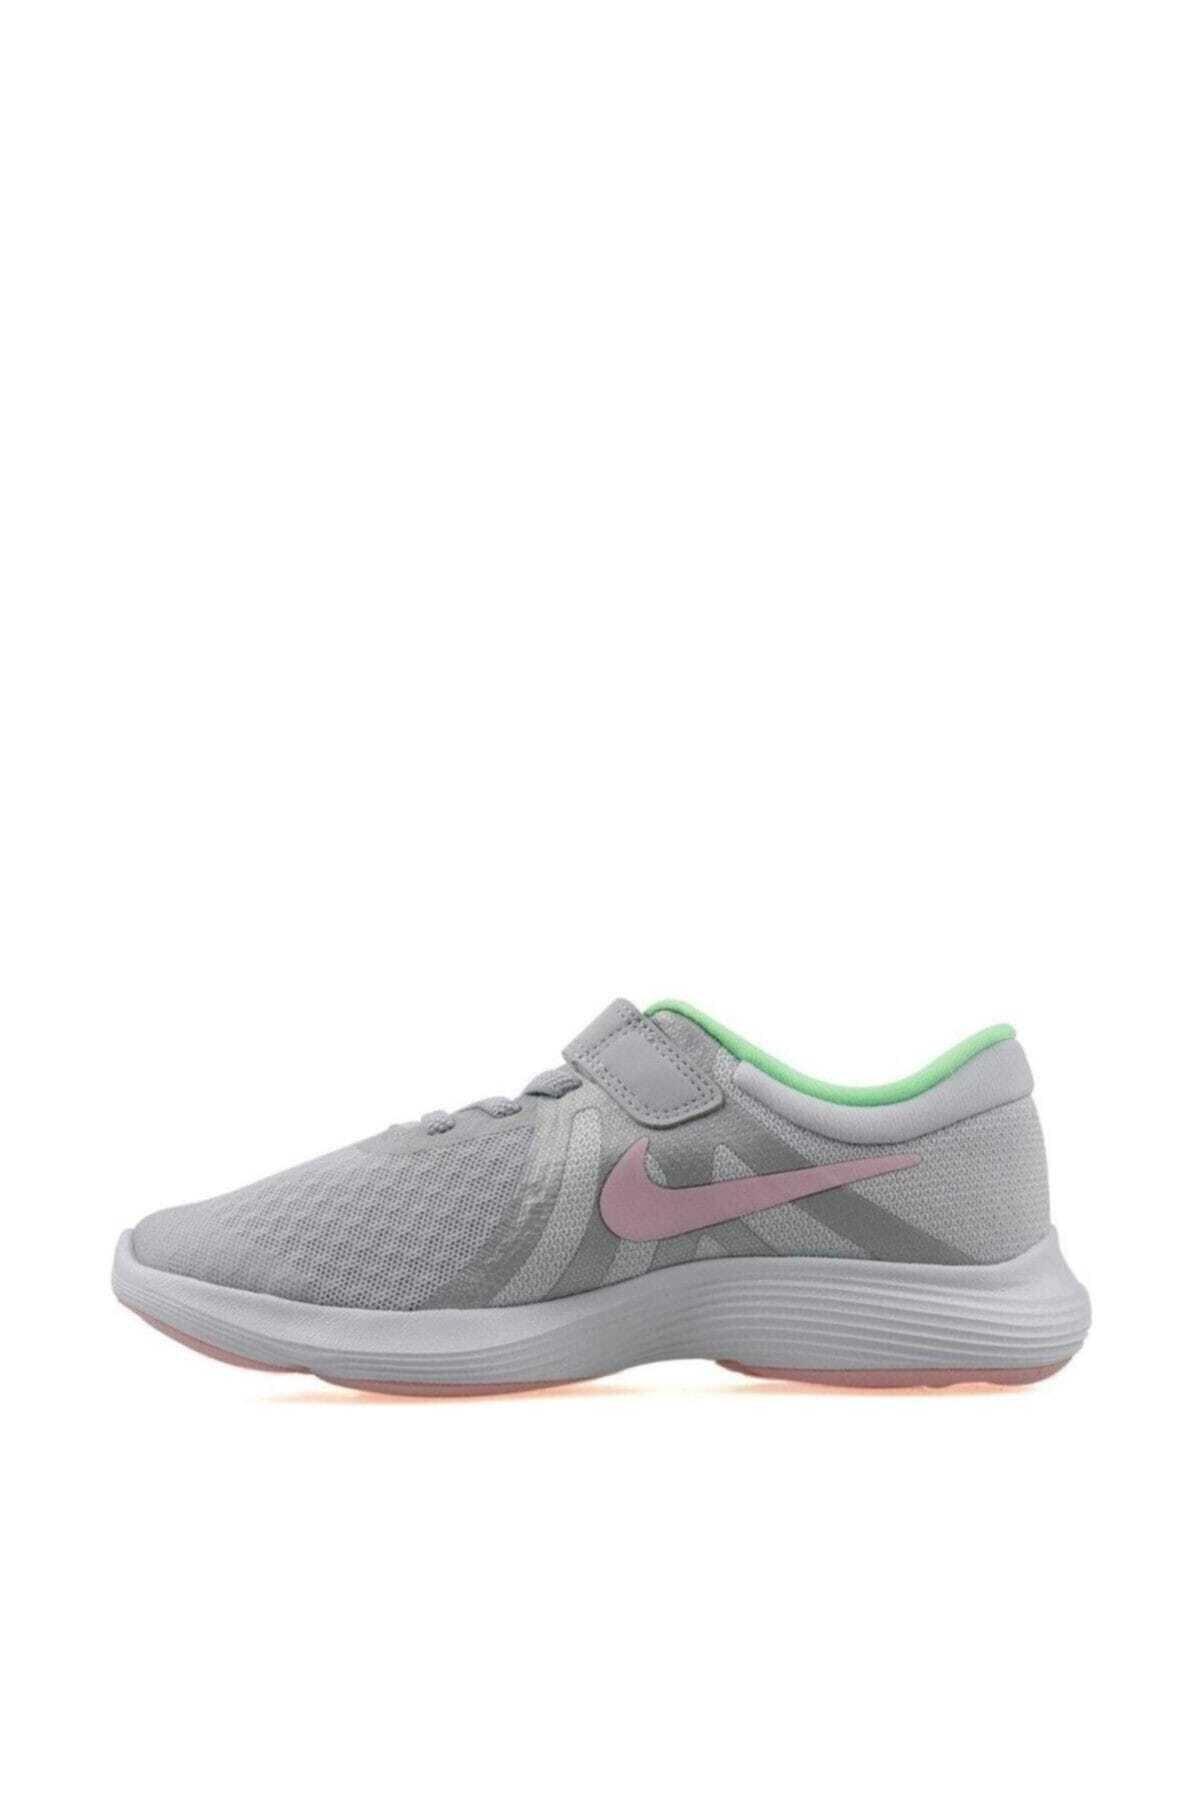 Nike Kids Gri - Açık Yeşil Kız Nıke Revolutıon 4 (Psv) 2